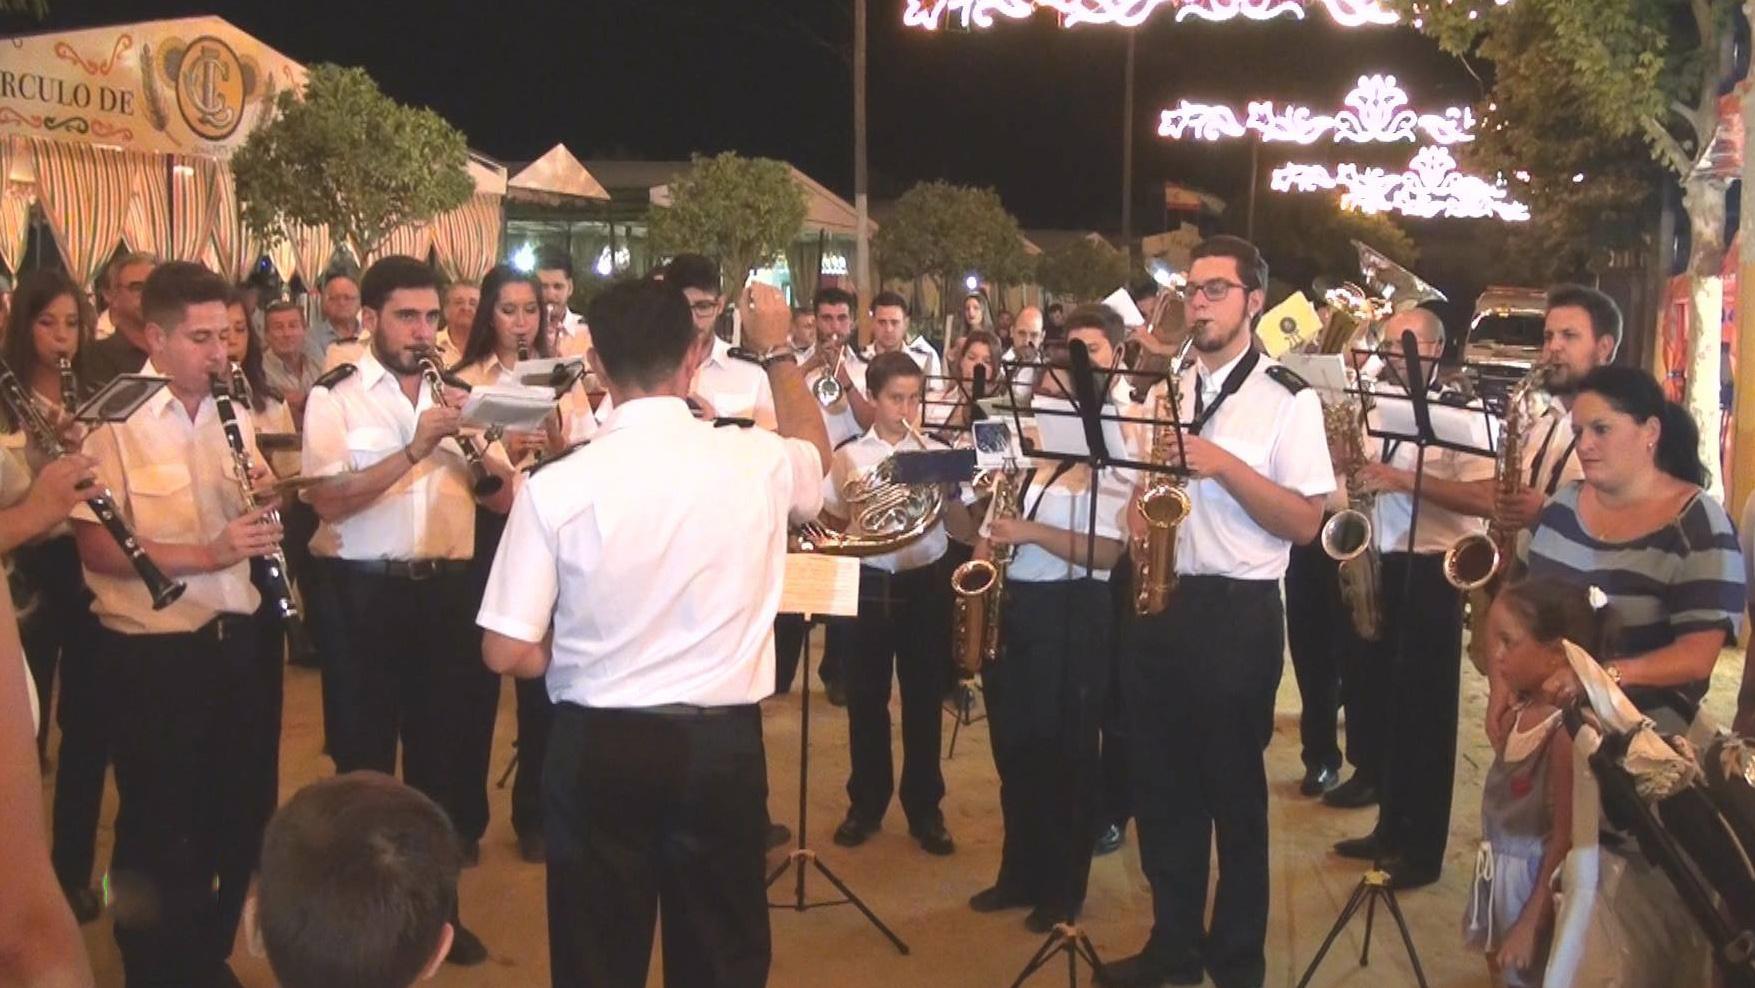 La banda de música San Salvador amenizó un año más el encendido del alumbrado especial de feria